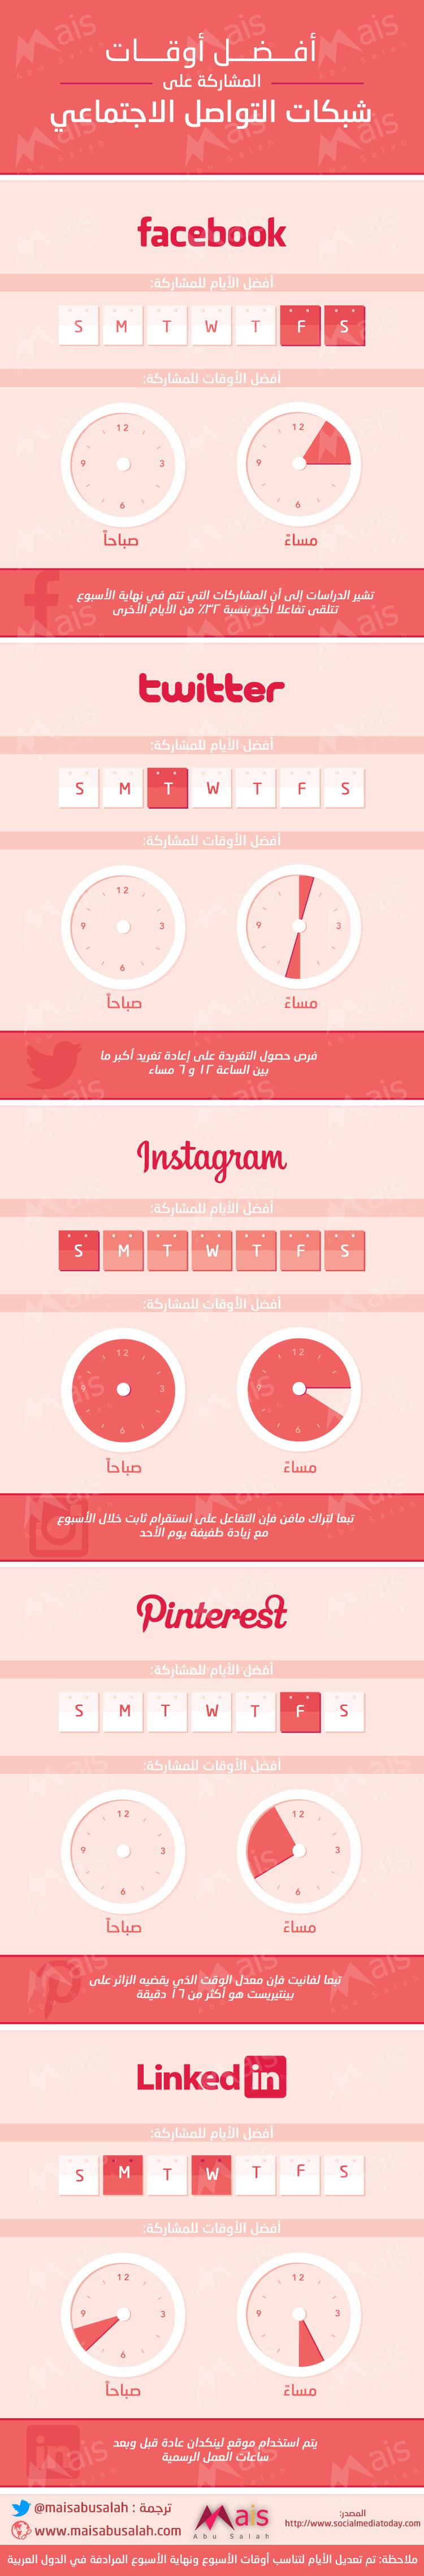 أفضل أوقات النشر على شبكات التواصل الاجتماعي #انفوجرافيك